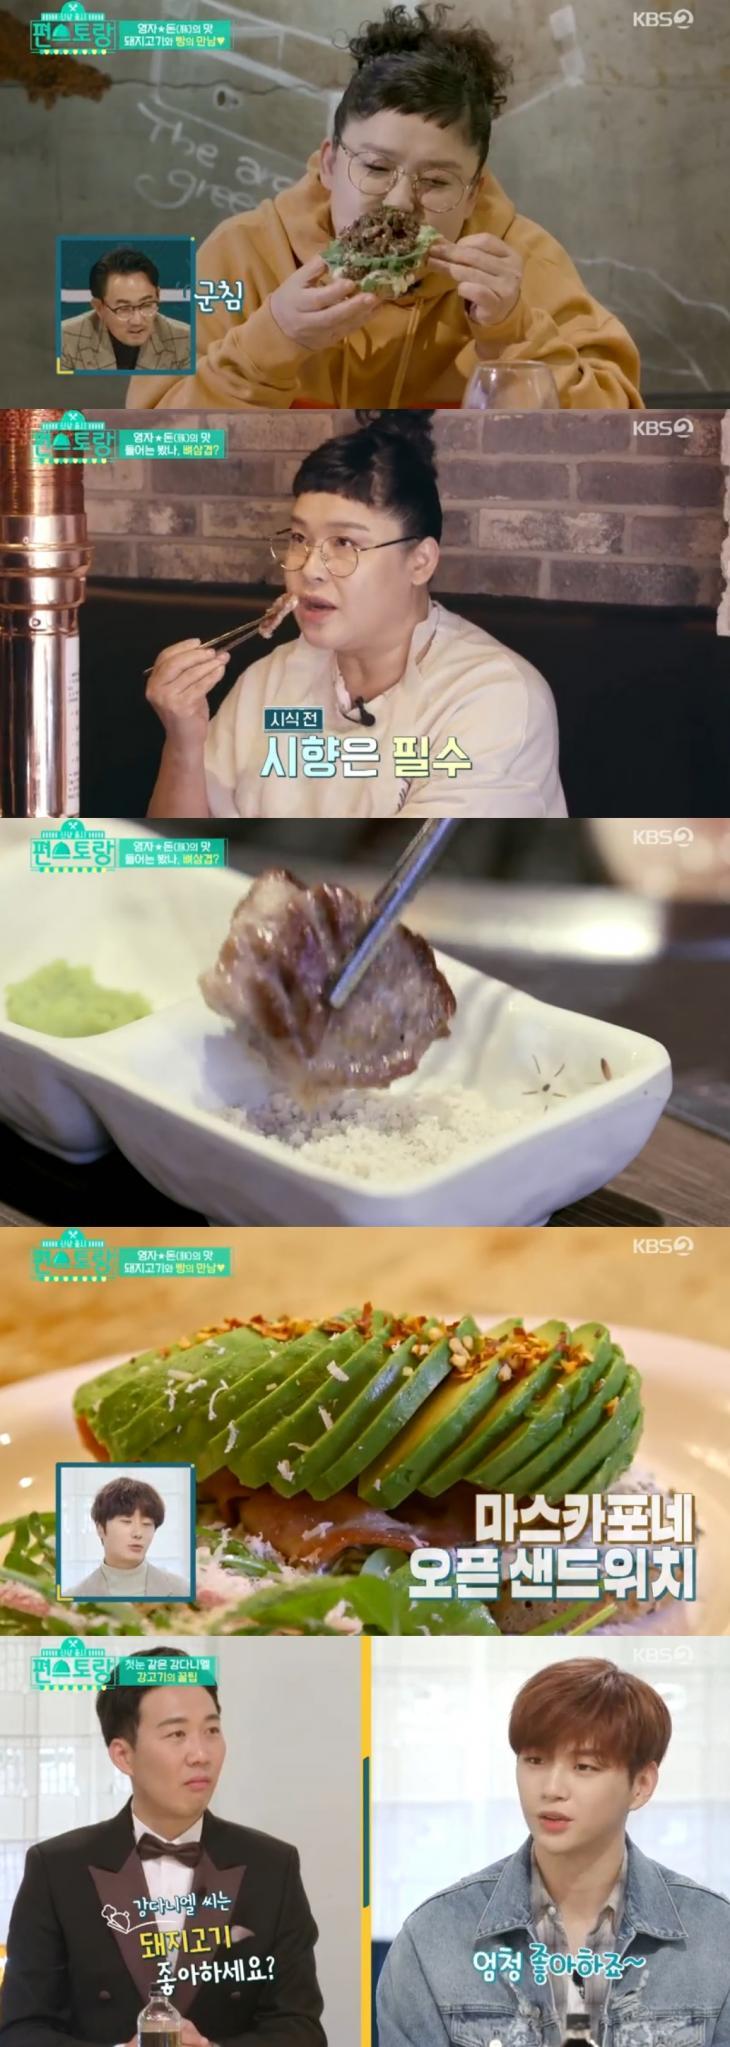 KBS2 예능프로그램 '신상출시 편스토랑'